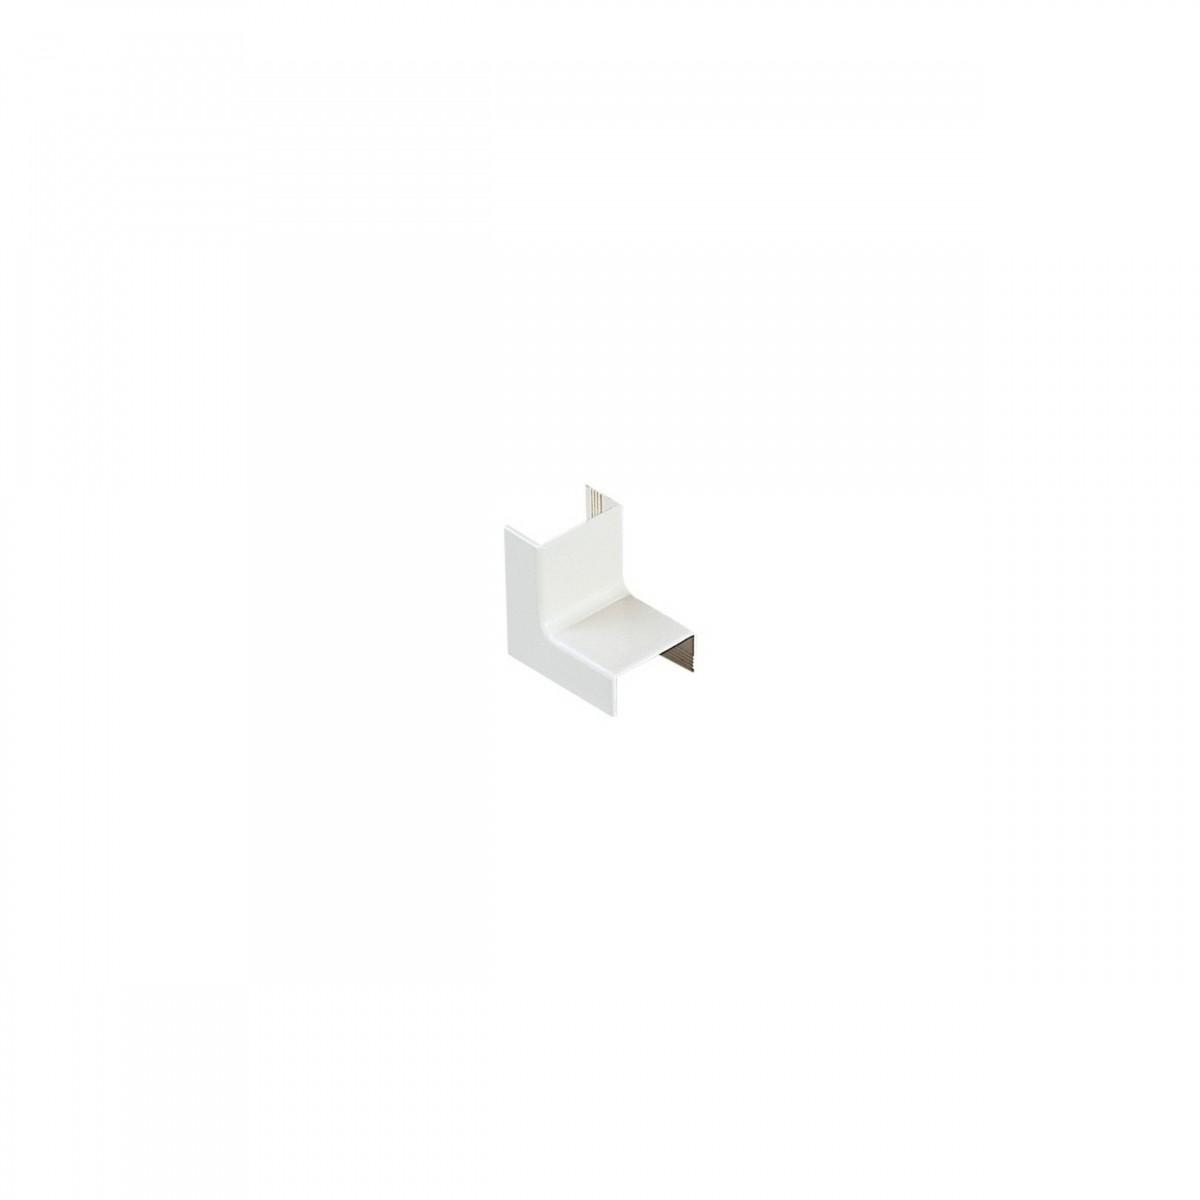 Elétrica Cotovelo Interno 20x10 Tramontina Branco Palha